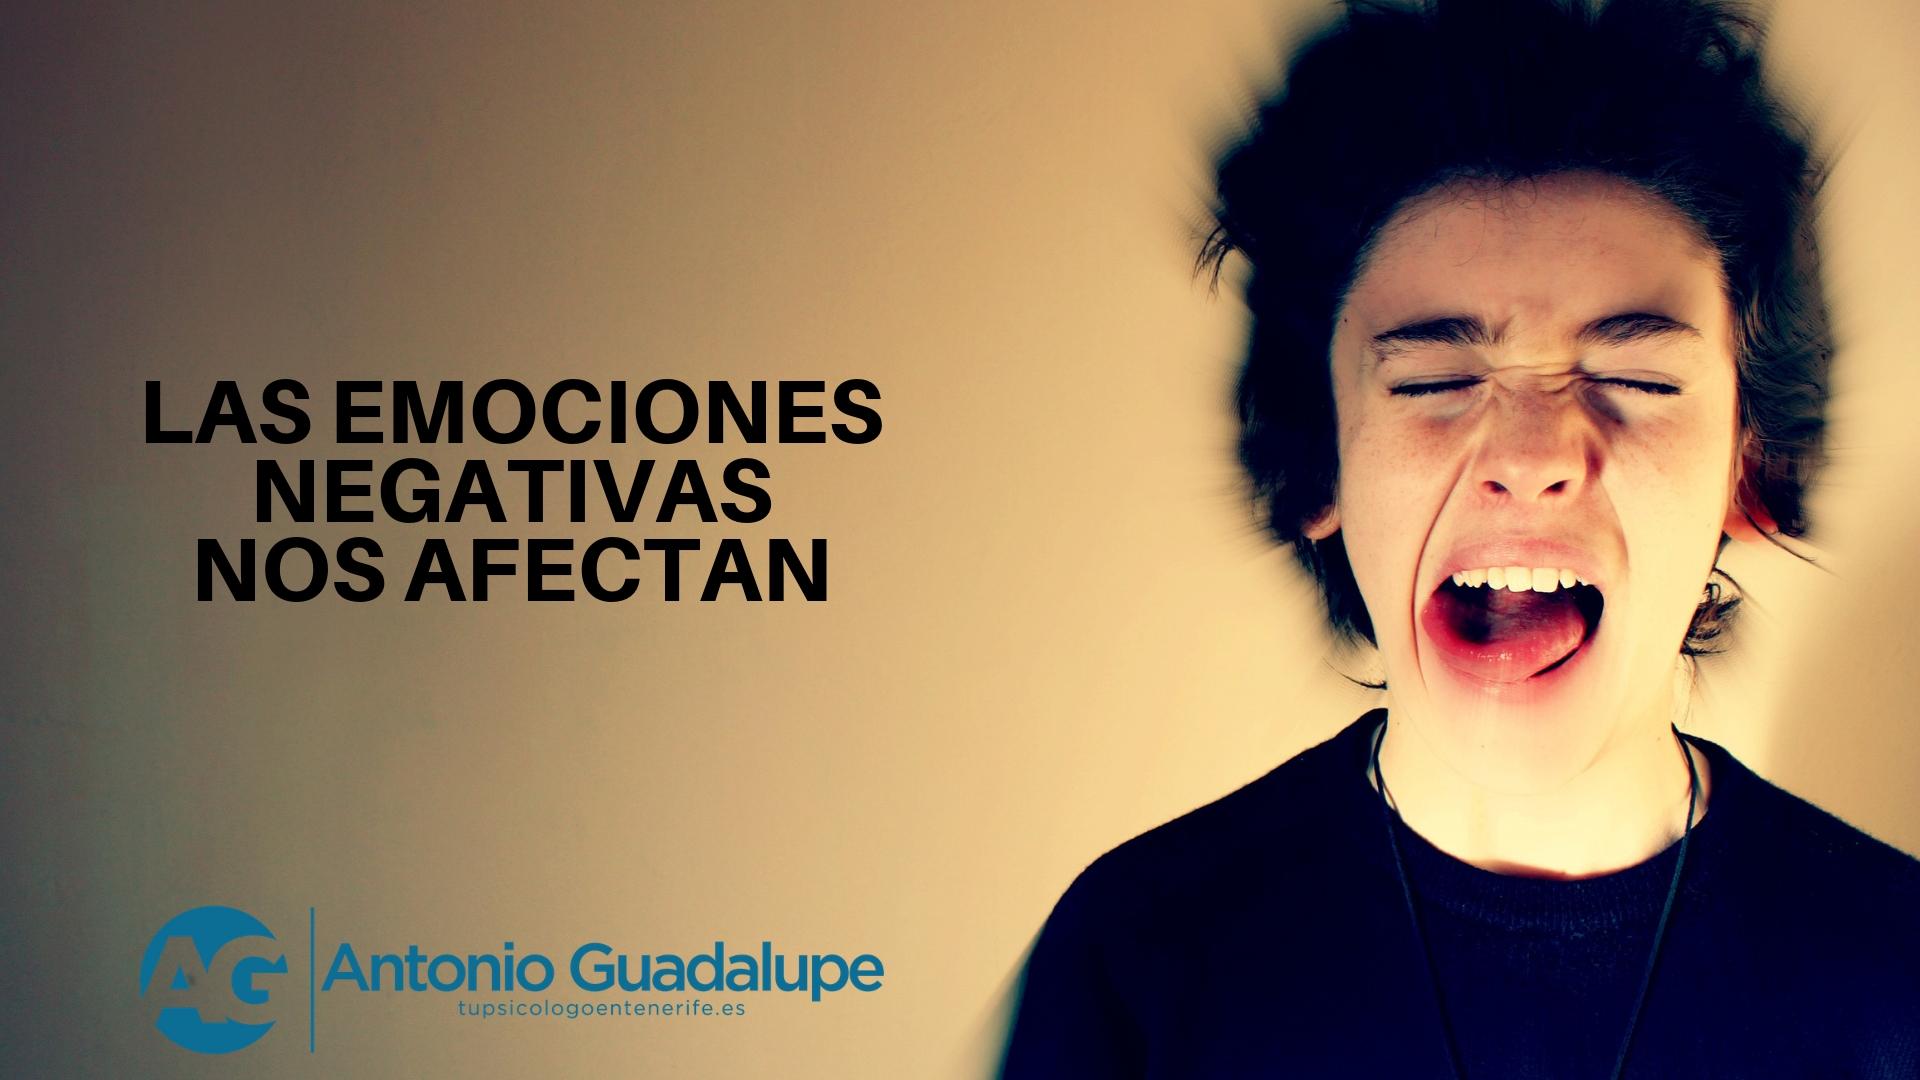 Nuestras emociones nos afectan psicológicamente